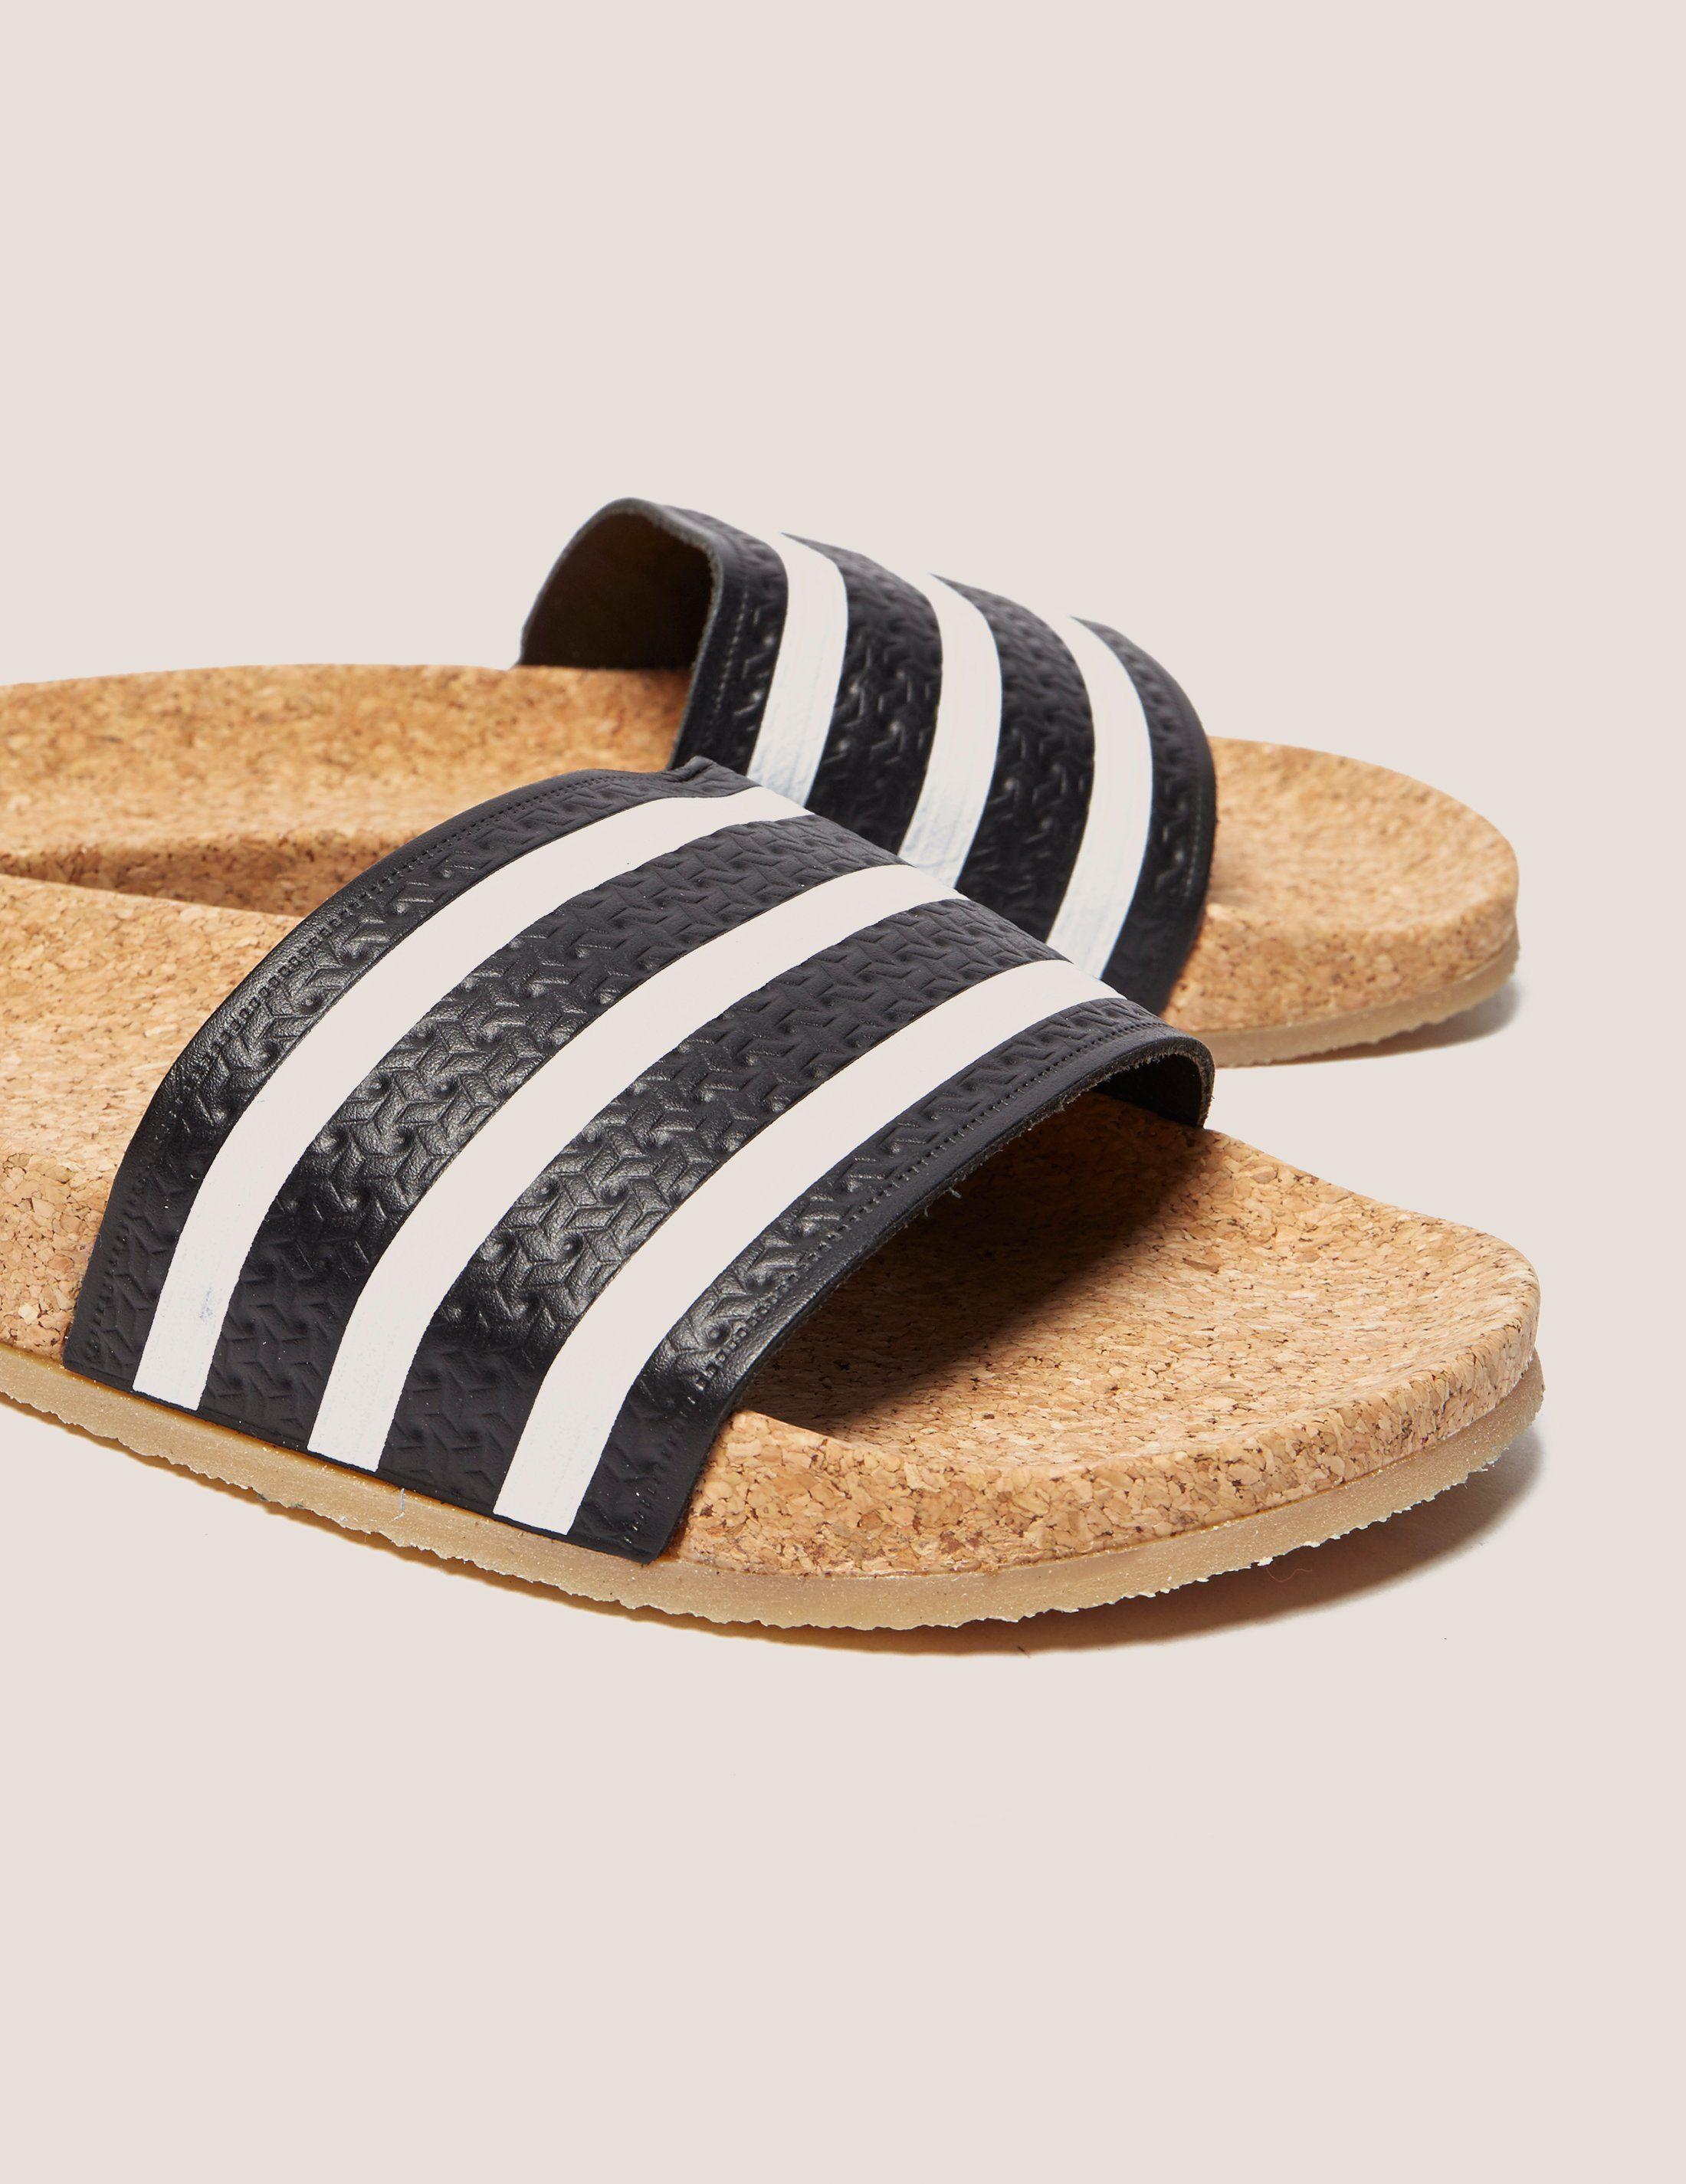 adidas Originals Adilette Cork Slides